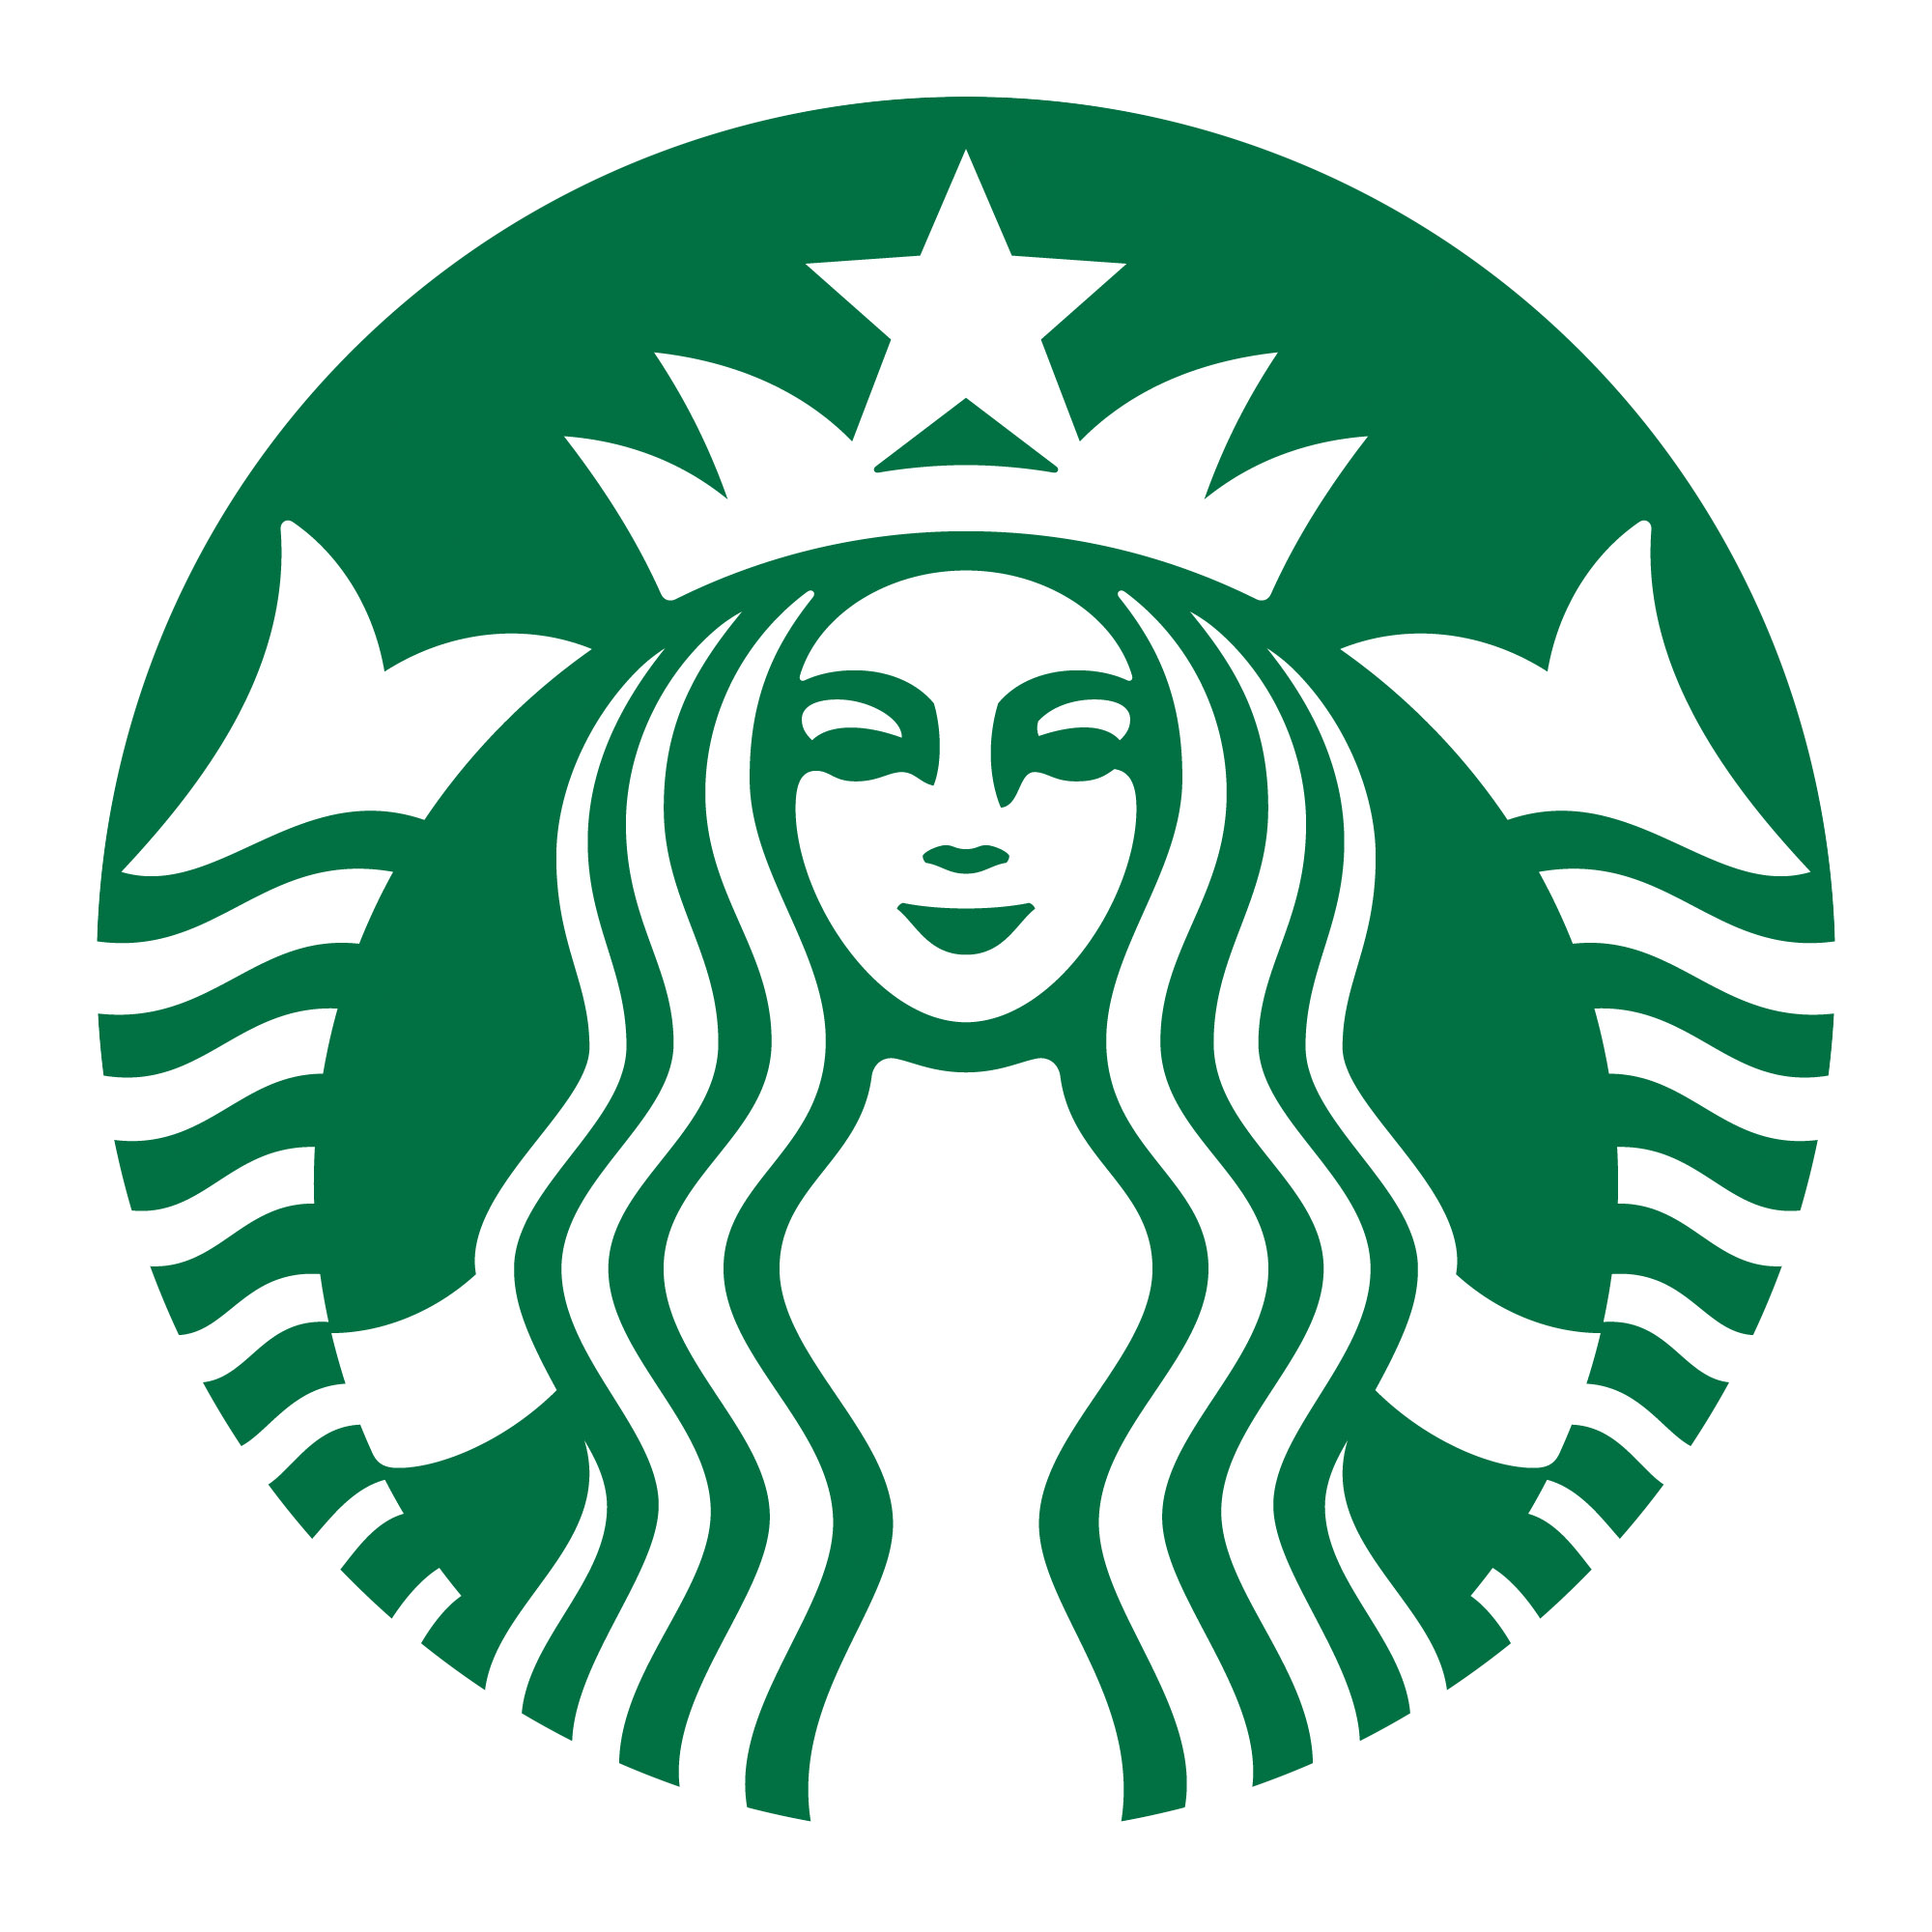 Starbucks-logo-2000px-png